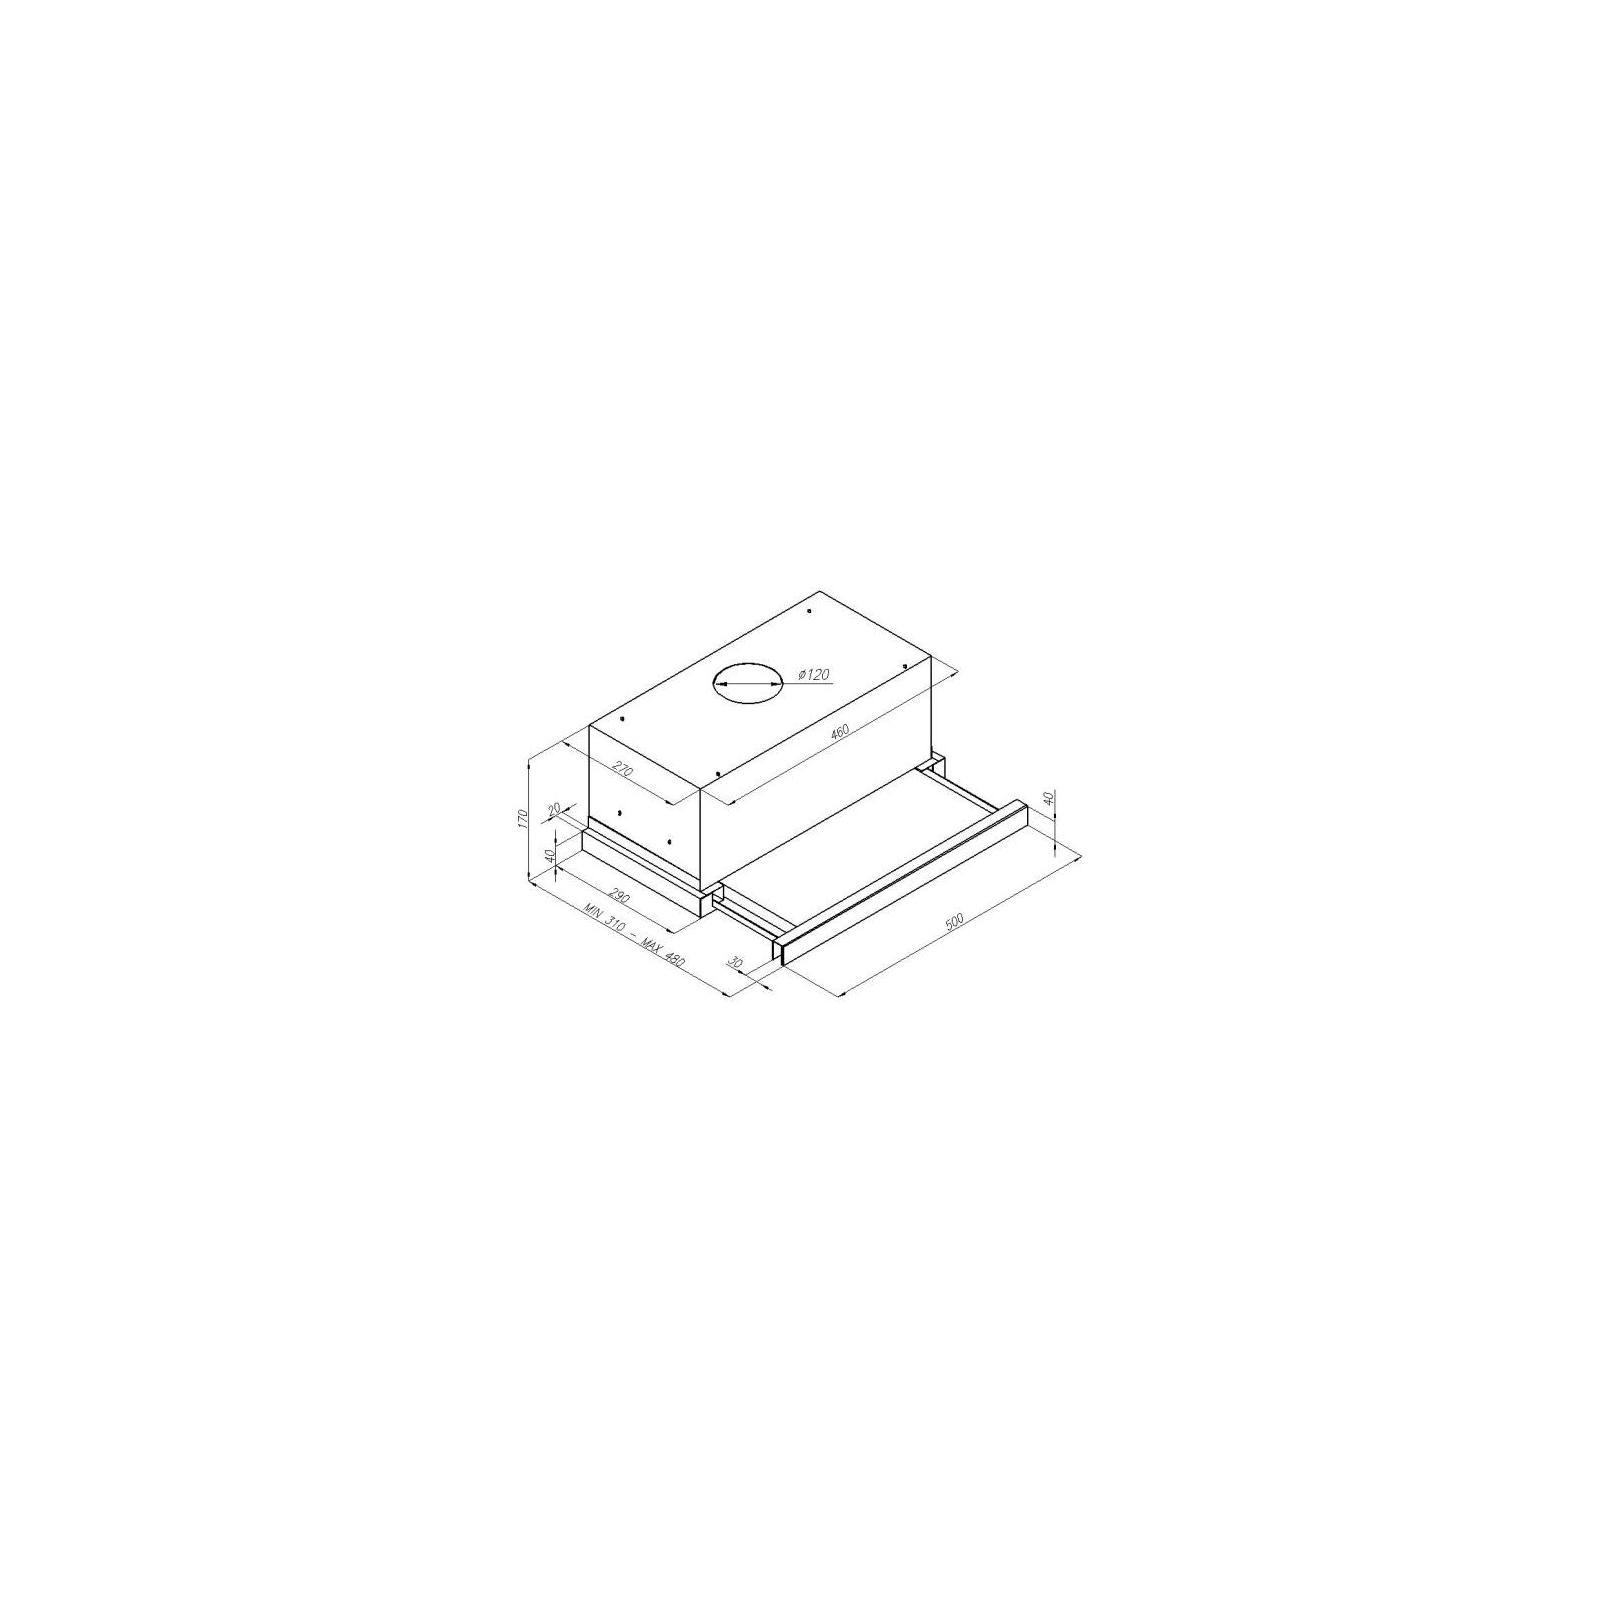 Вытяжка кухонная PERFELLI TL 5207 I изображение 7